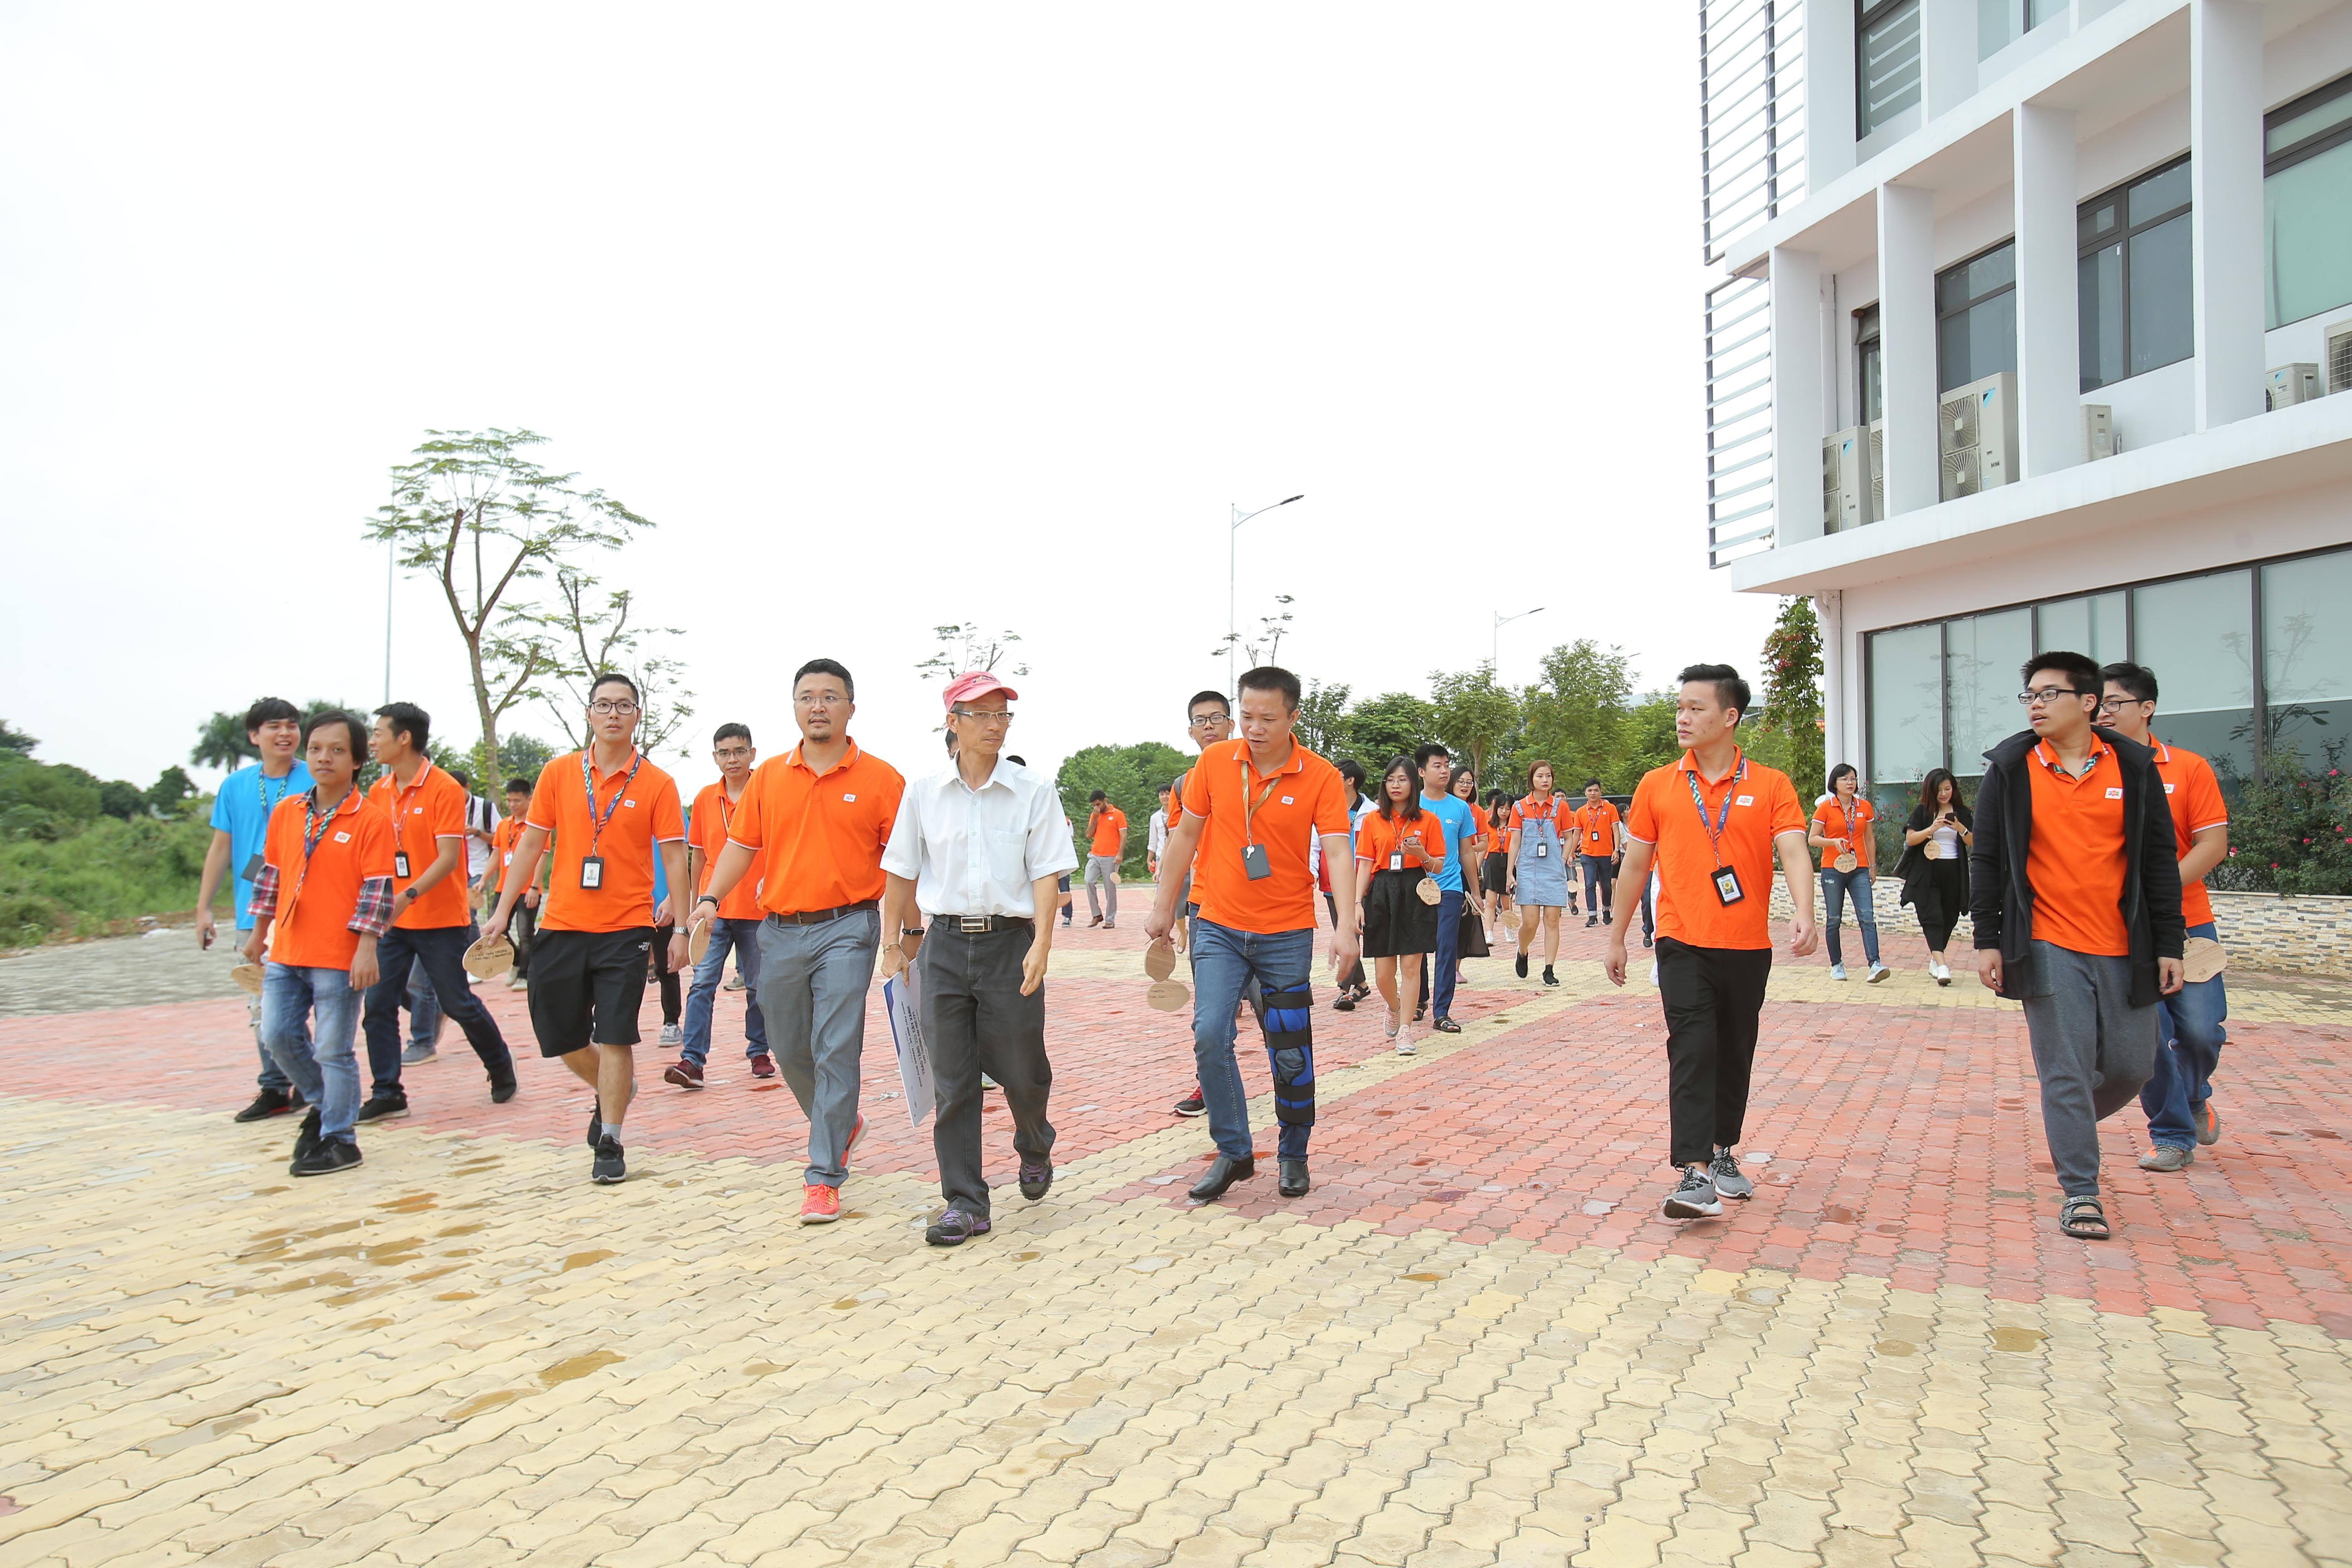 Bên đại học có anh Nguyễn Khắc Thành Hiệu trưởng ĐH FPT, anh Nguyễn Khải Hoàn Phó Tổng Giám đốc Fpt Software, anh Phan Mạnh Dần Phó Tổng Giám đốc FPT Software.